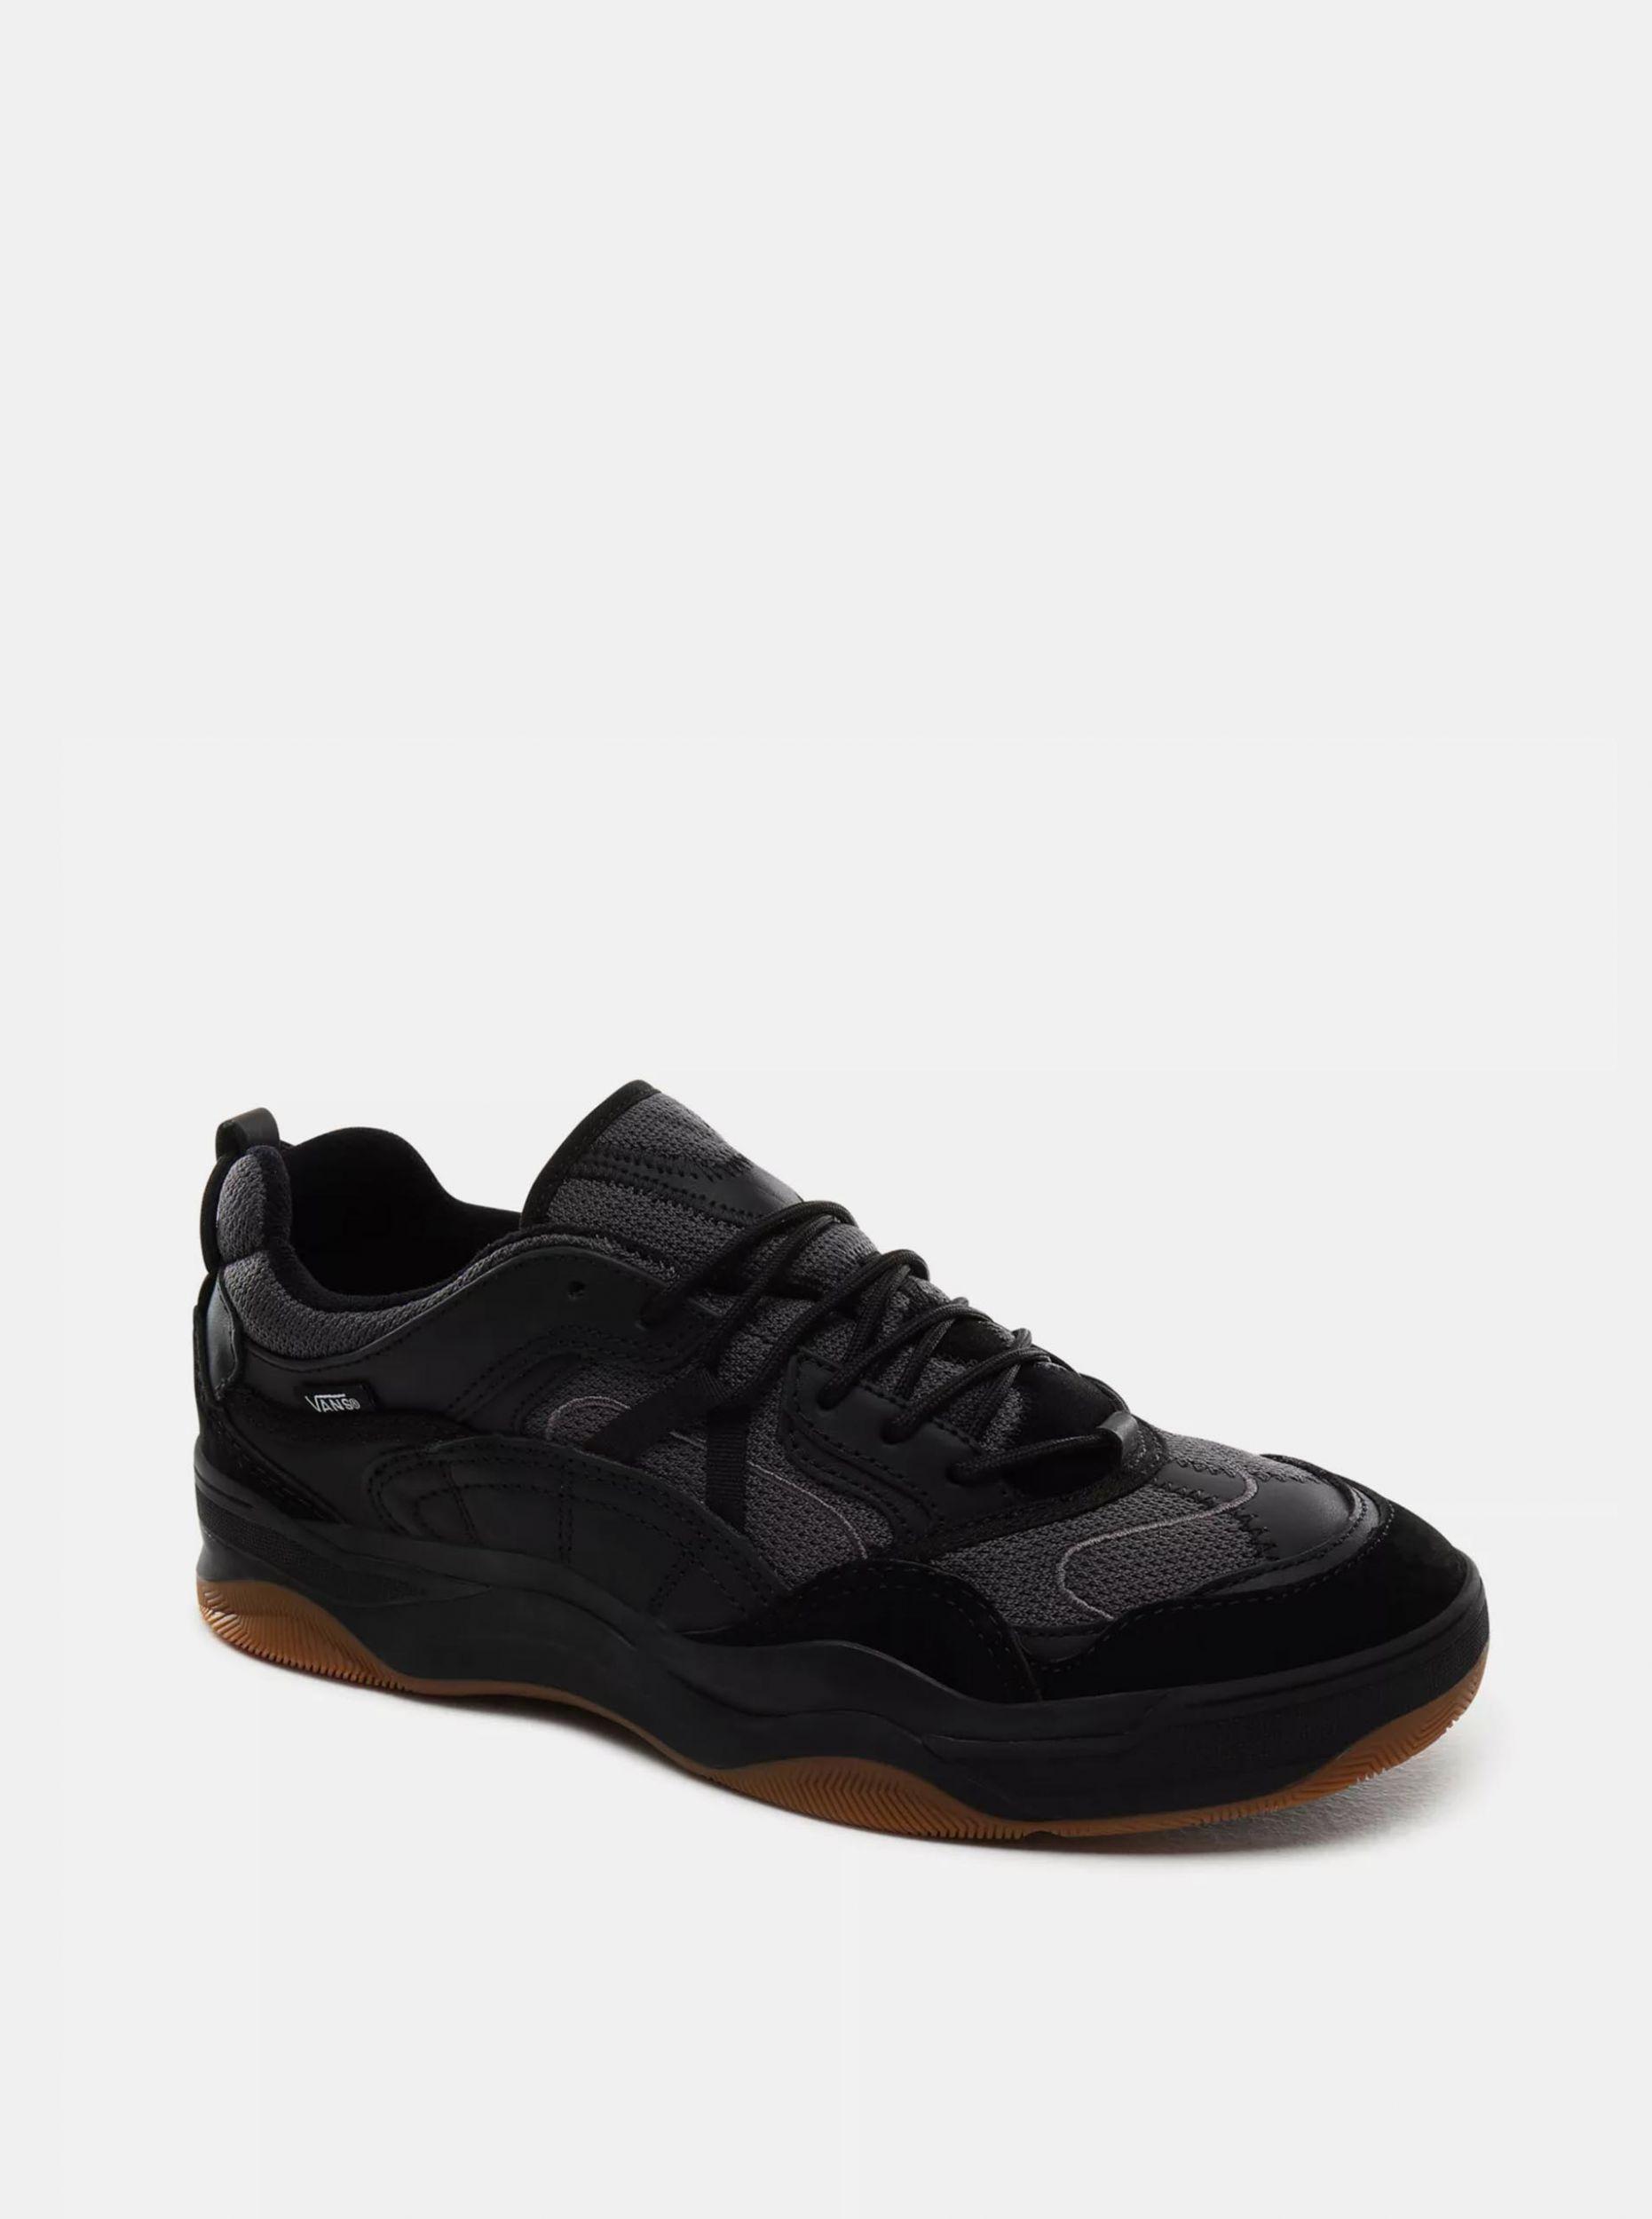 Černé dámské tenisky s koženými detaily VANS